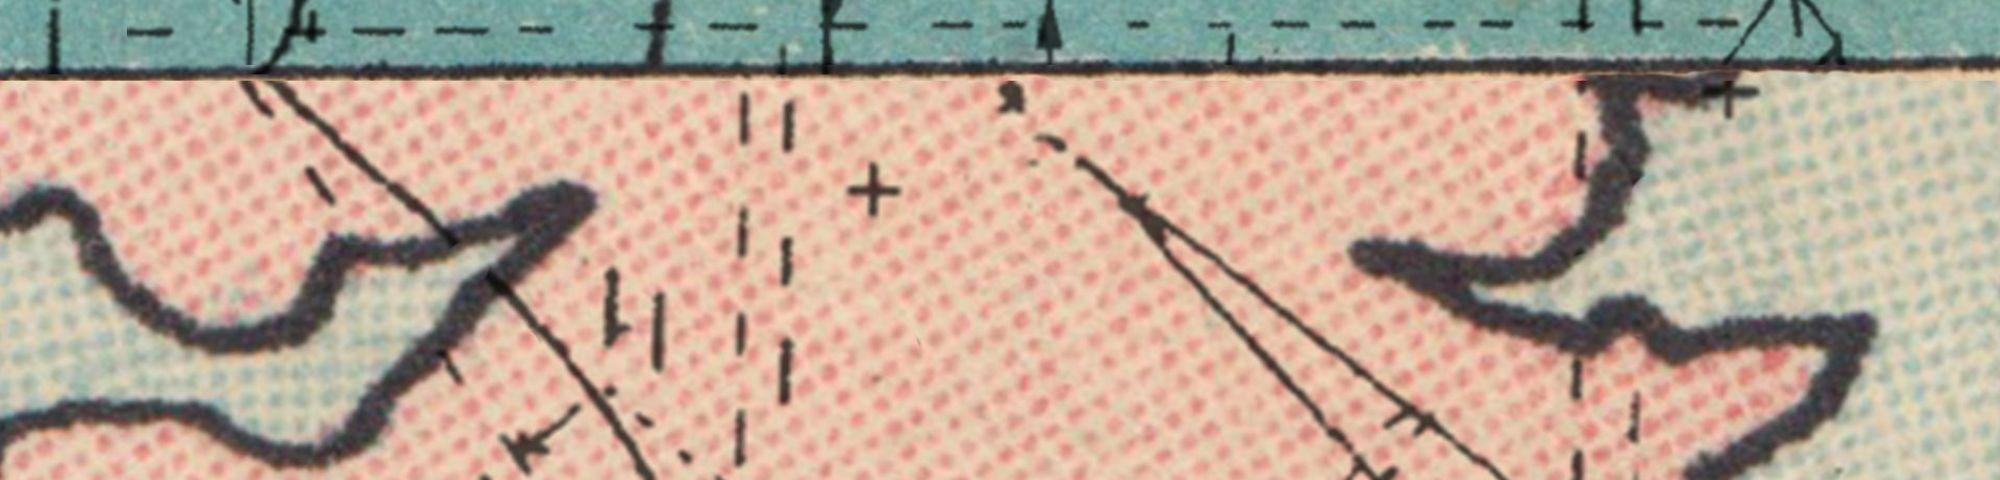 LCF-o1-2c